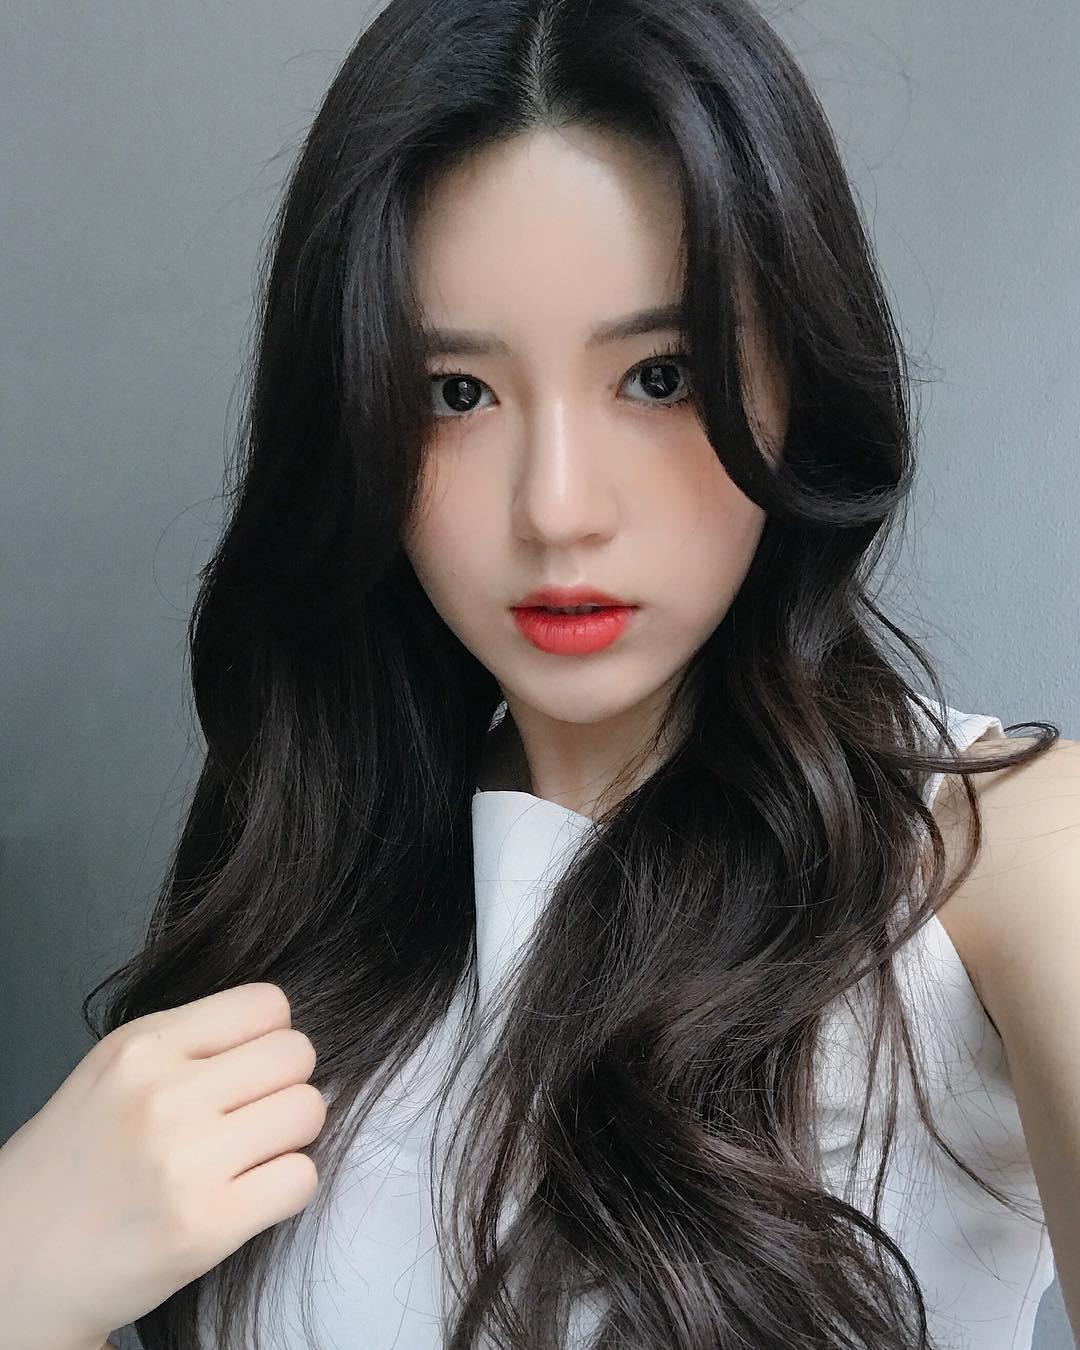 Cô nàng mặt tròn muốn thay đổi phong cách, hãy tham khảo 4 kiểu tóc thời thượng này - Ảnh 9